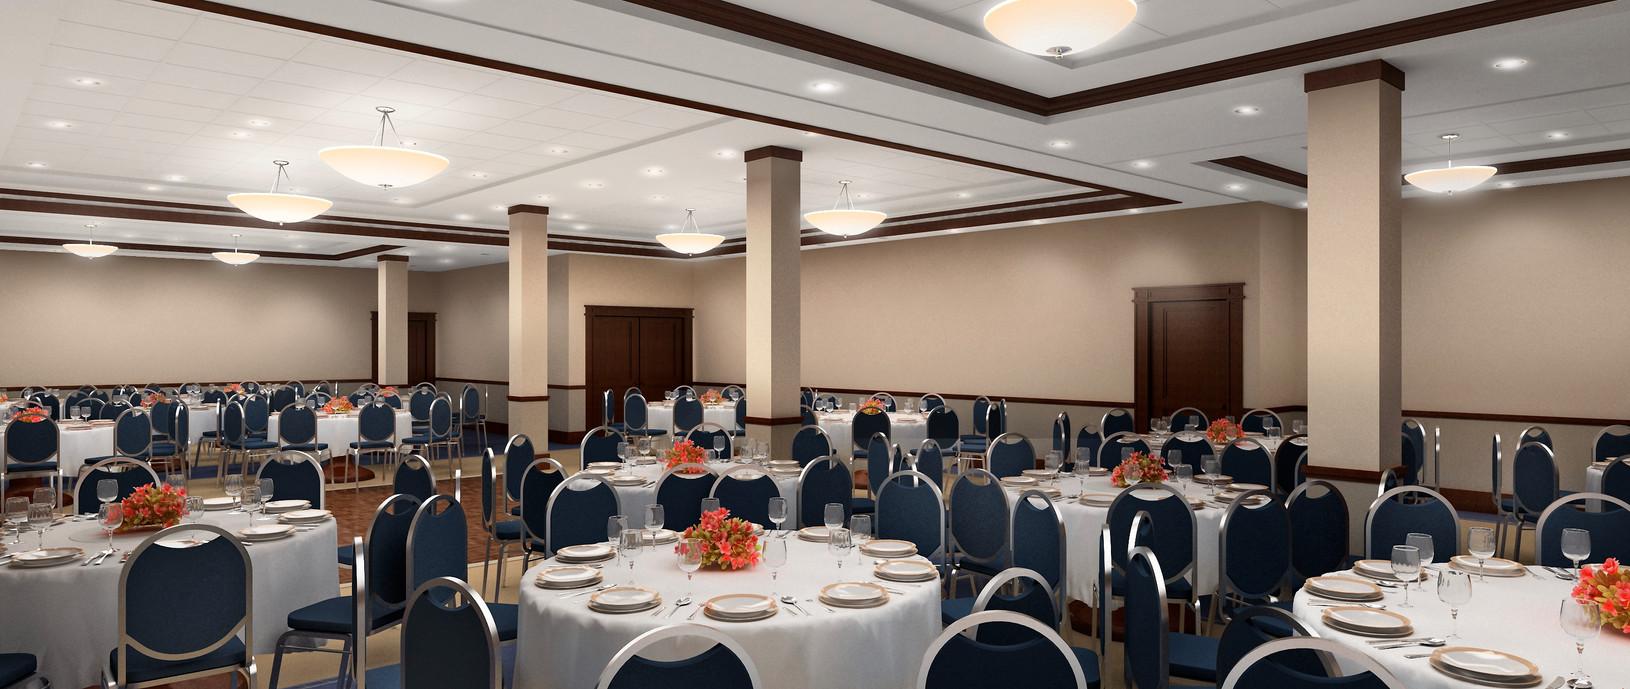 Temple Emanuel - LL banquet final.jpg